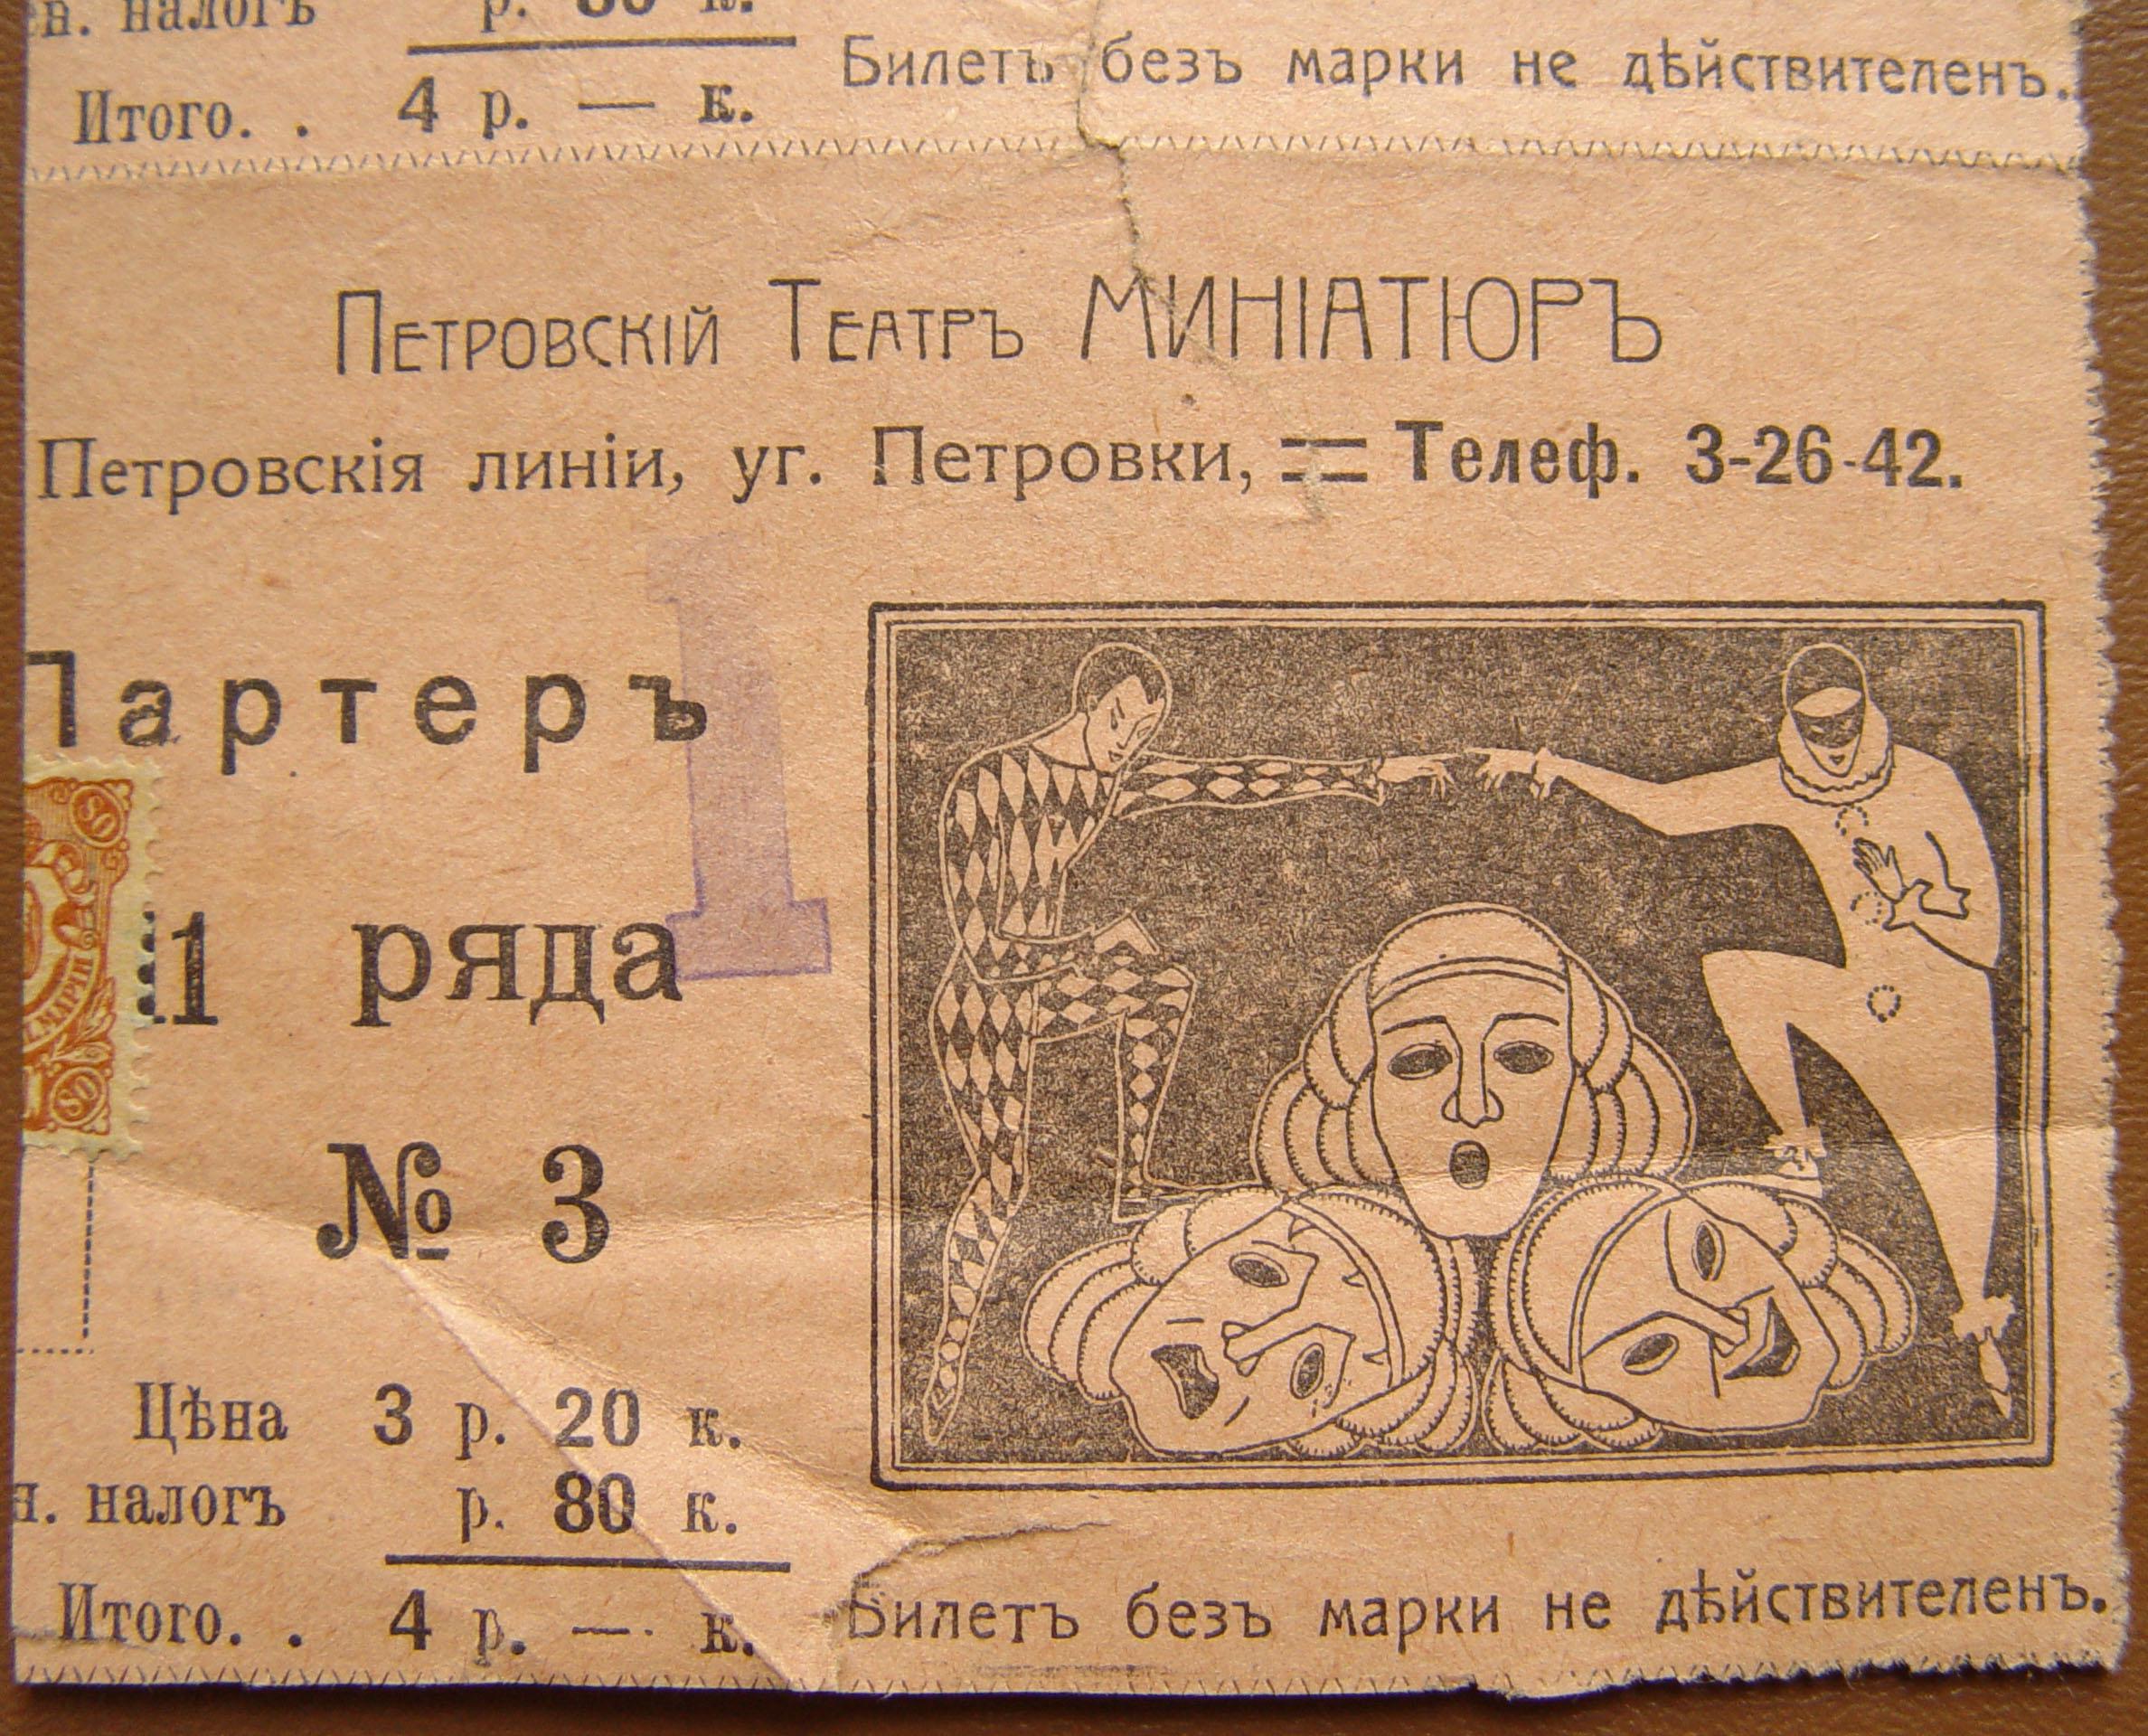 Петровский Театр Миниатюр